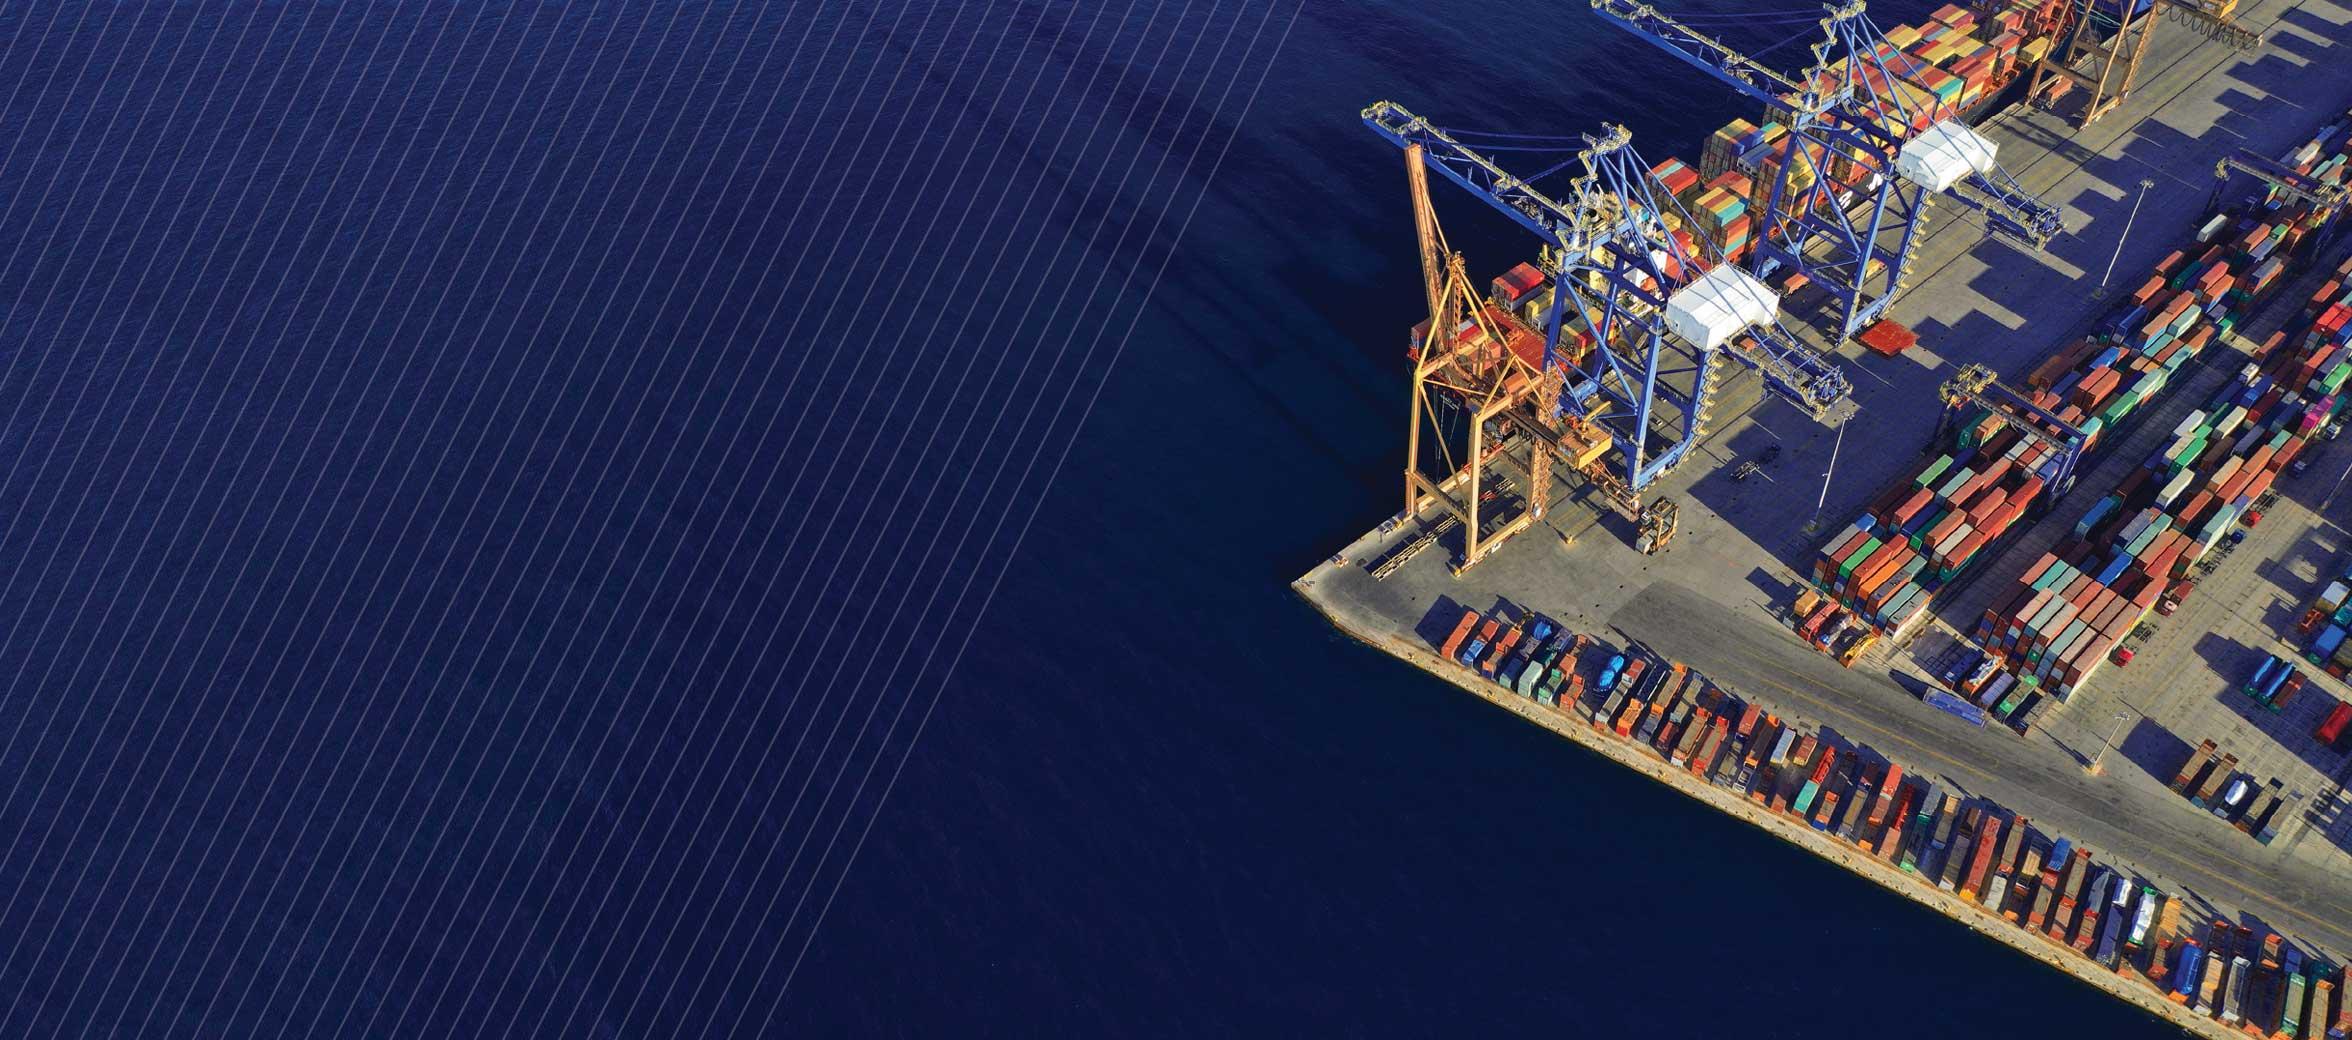 Ports (image)